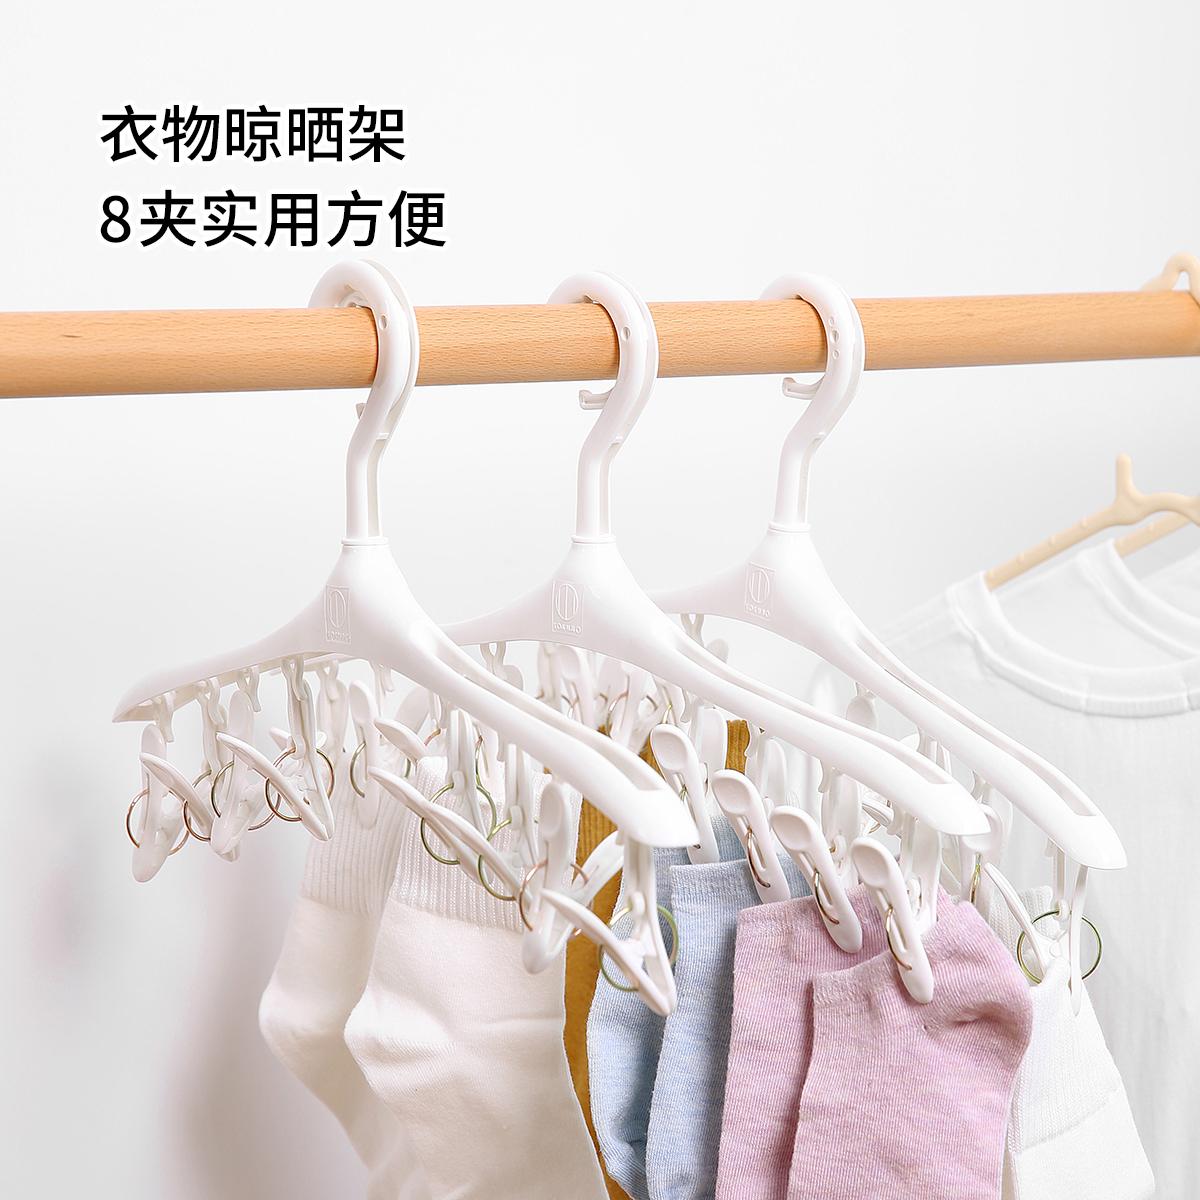 日本KOKUBO塑料晾衣架8頭夾子衣架內衣襪子晾晒夾防風衣架晒衣架